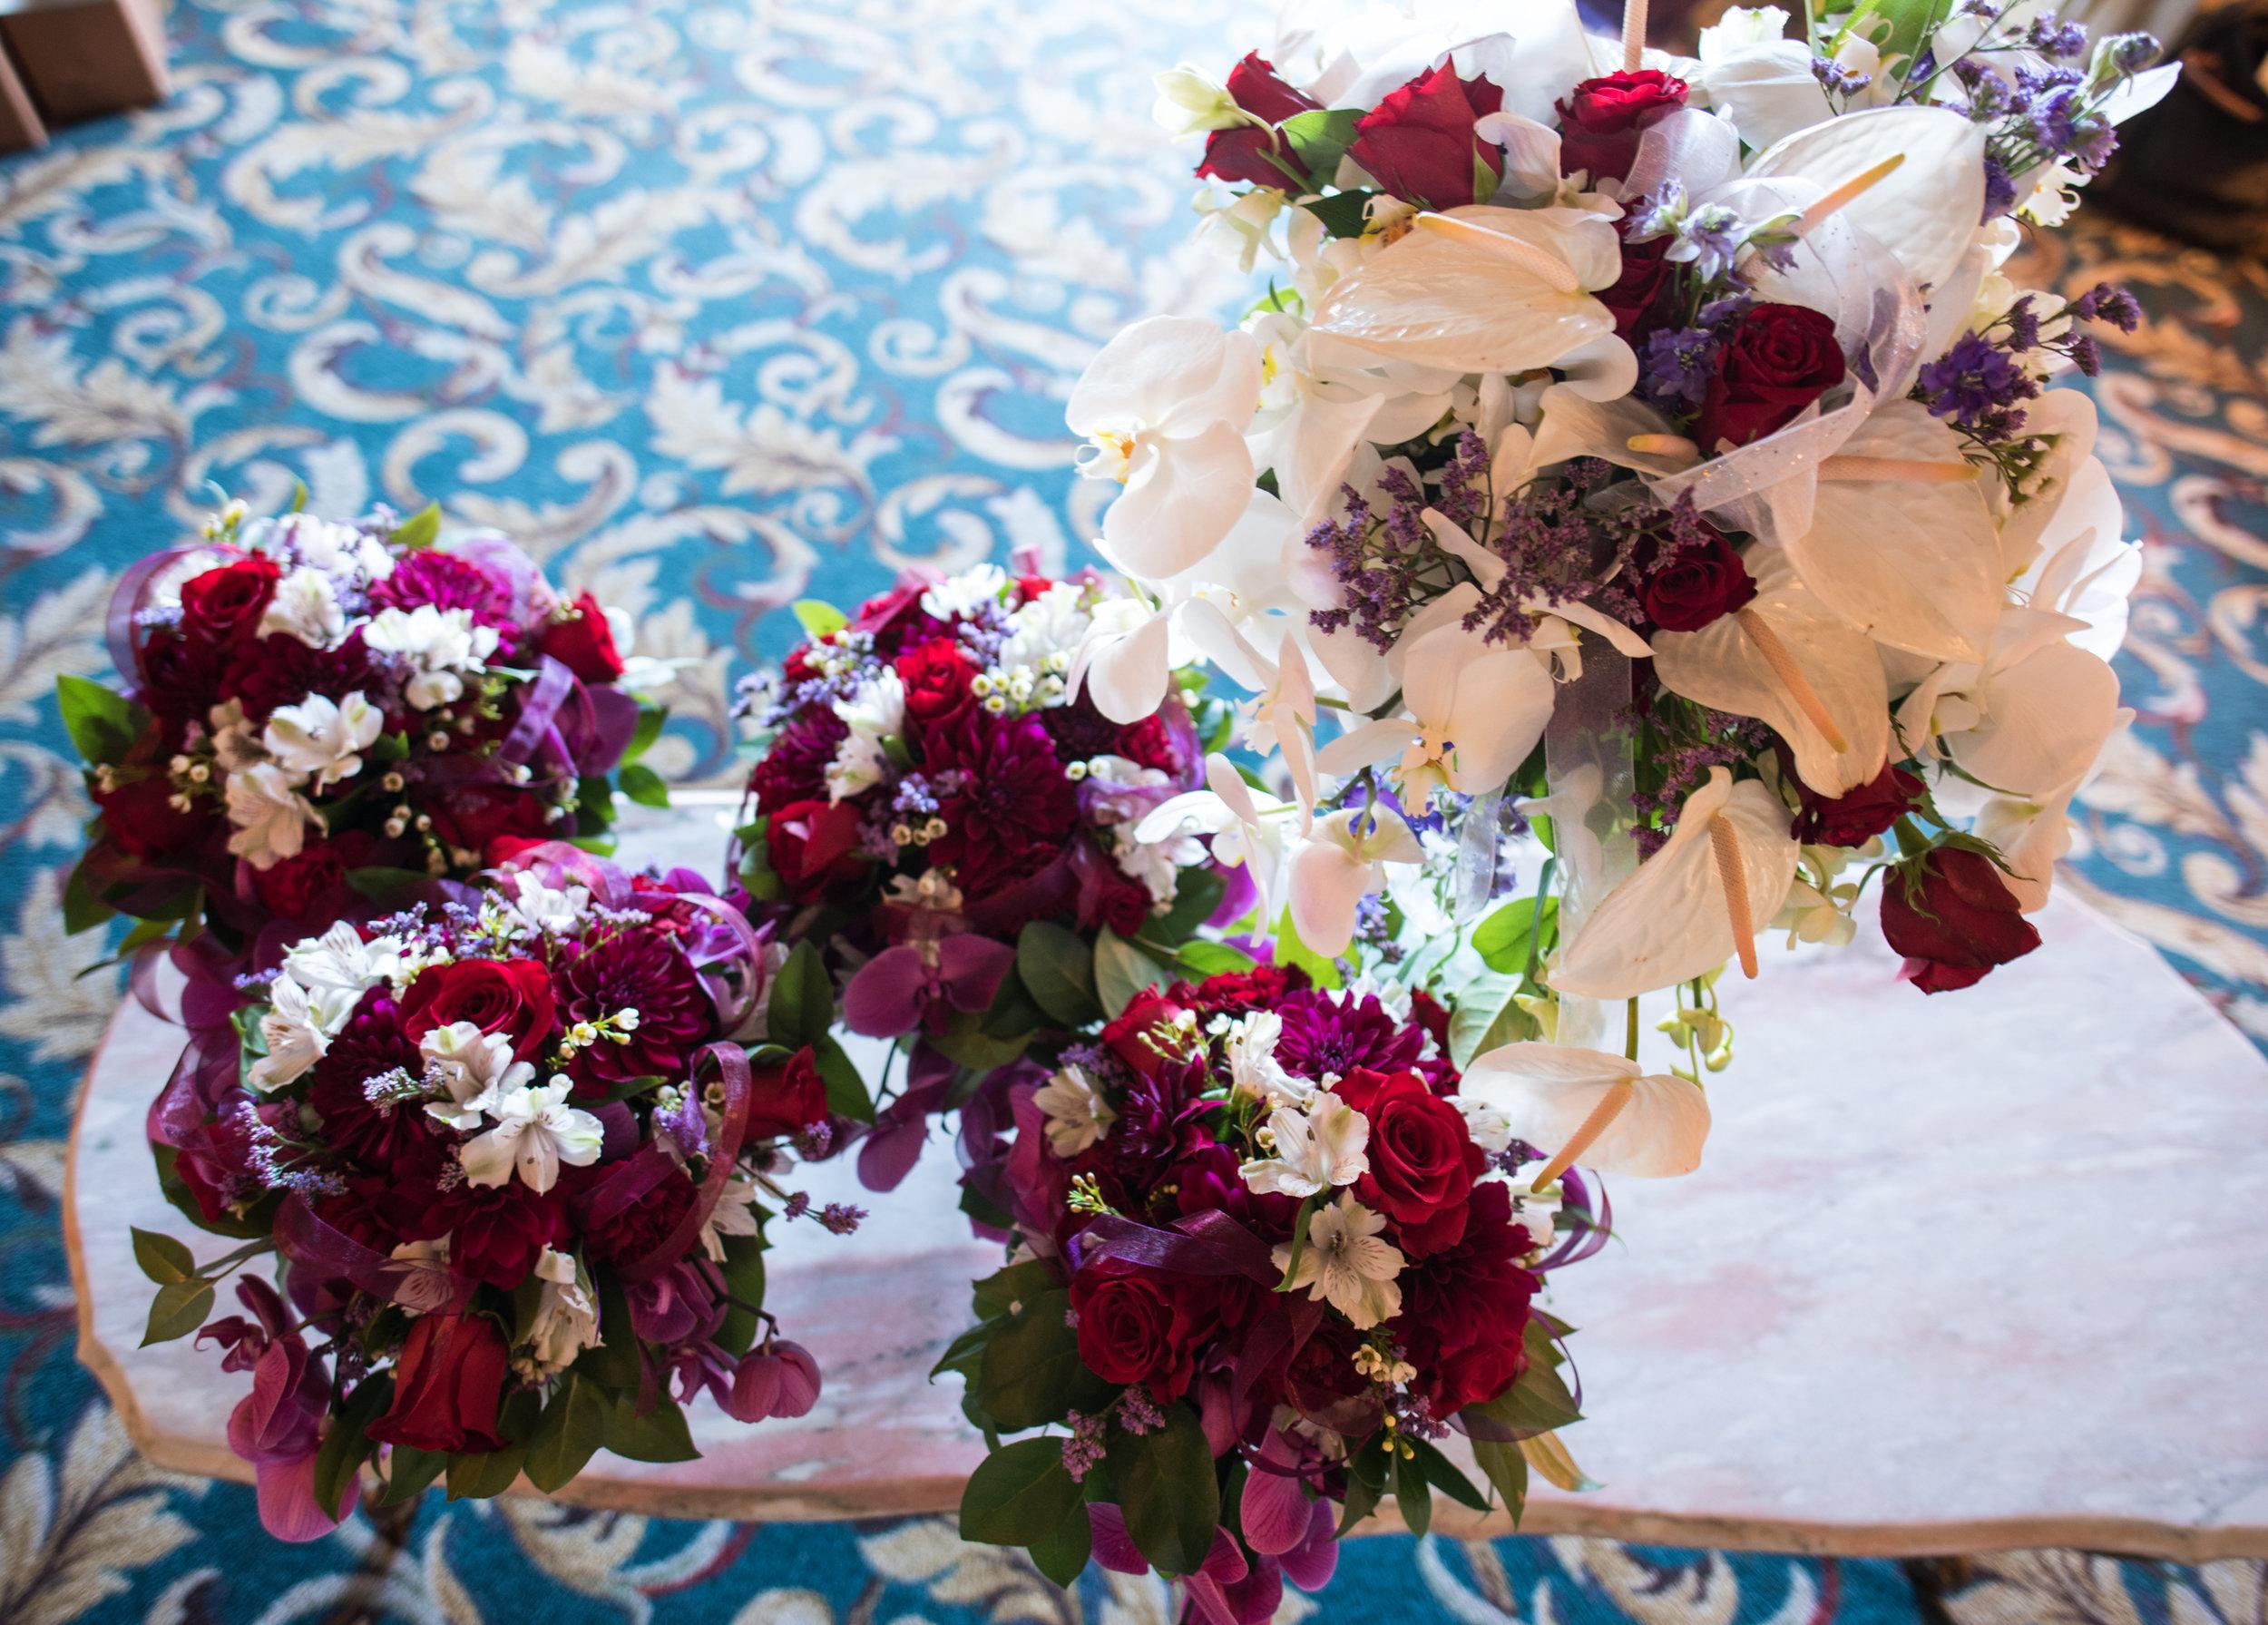 Anthurium Bridal Bouquet and Attendants - FLO 507